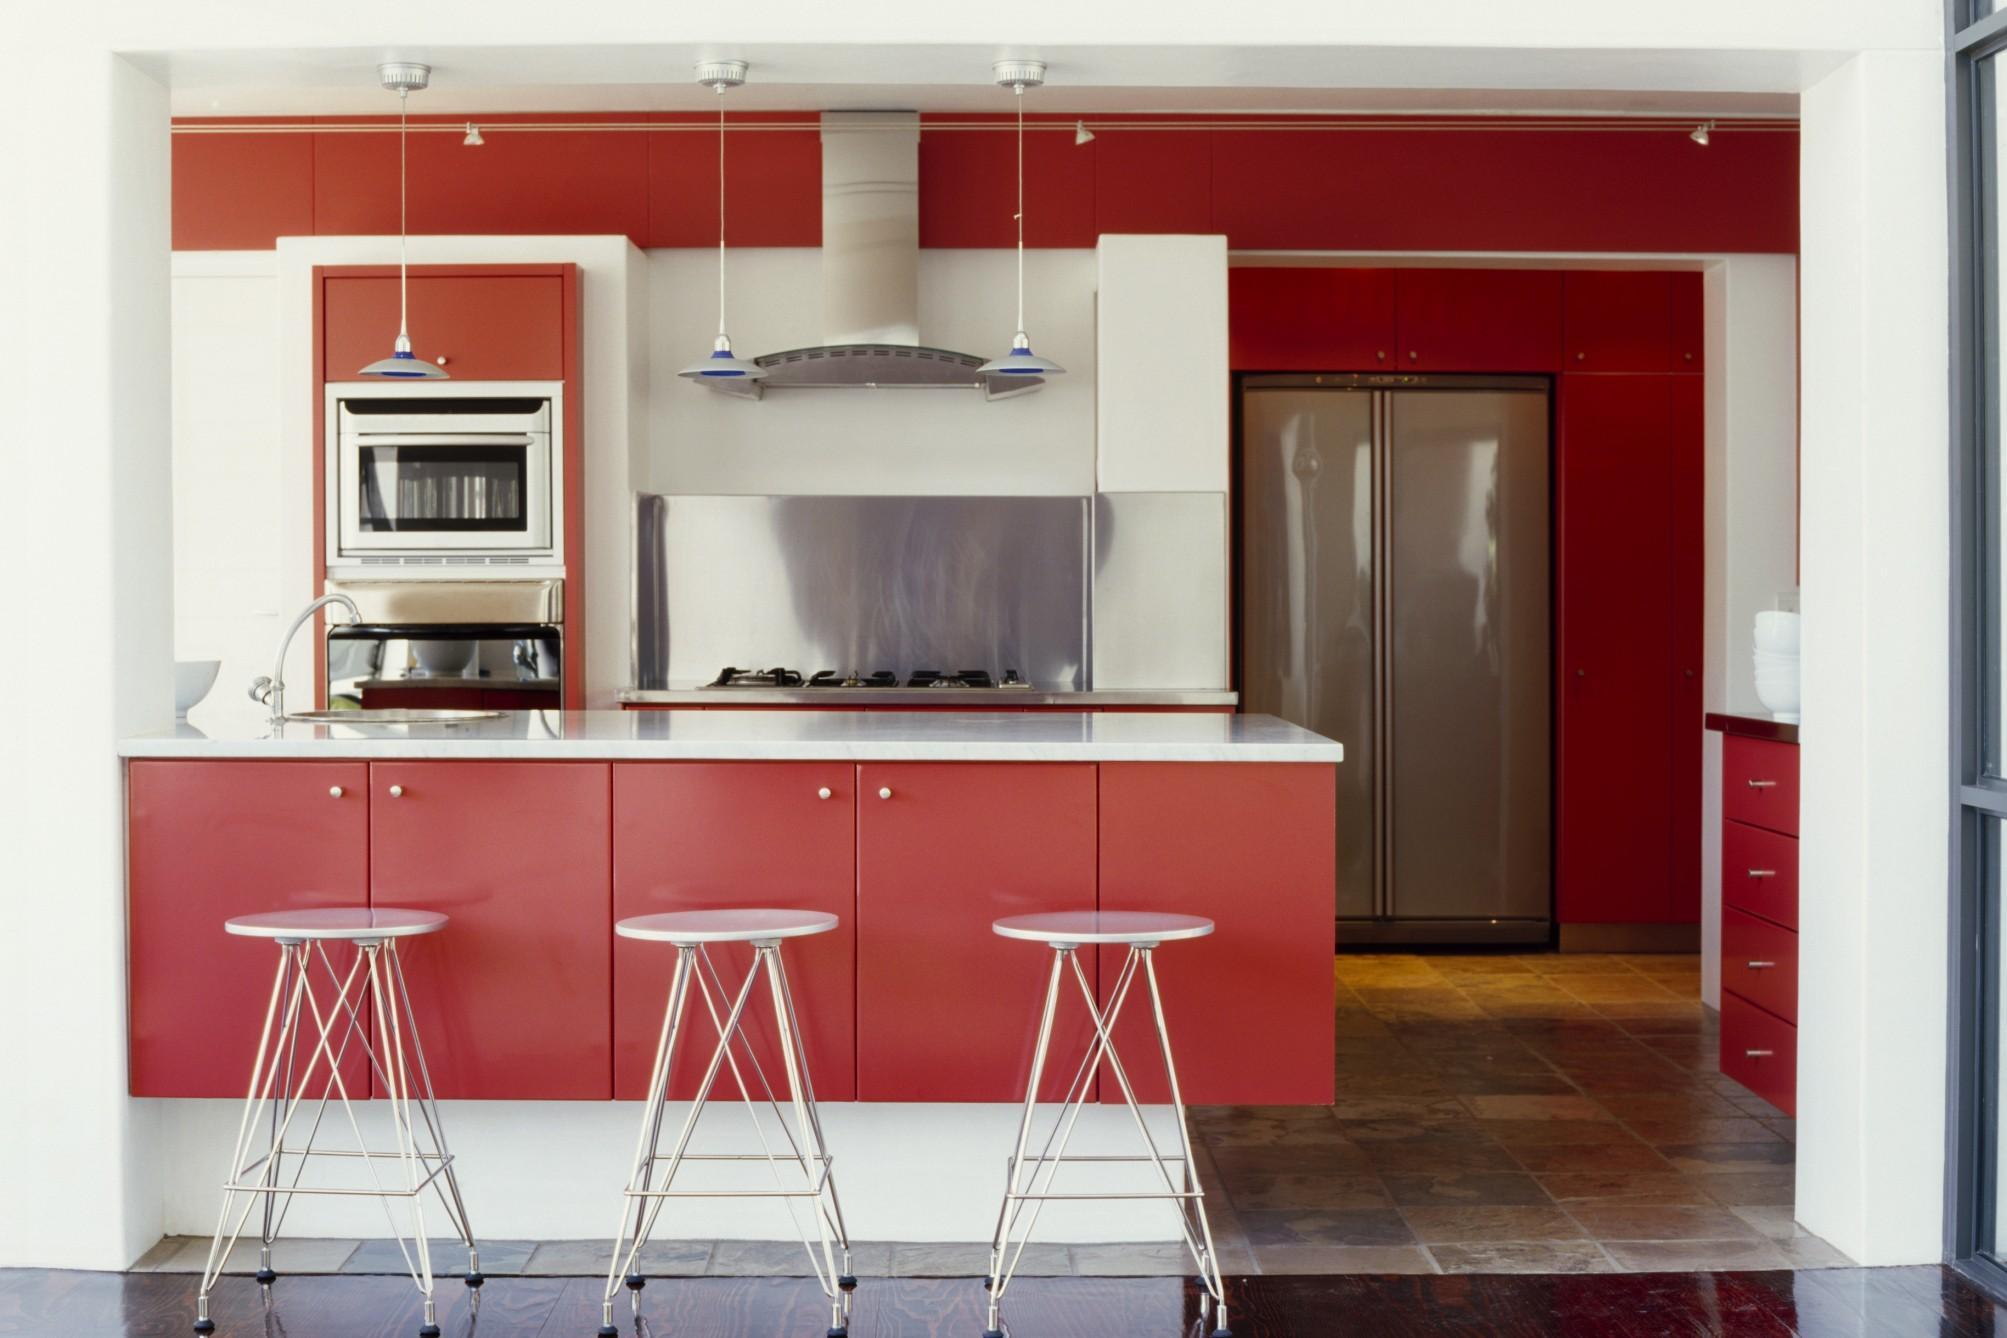 Arredare casa come scegliere il colore della cucina - Come pitturare i mobili della cucina ...